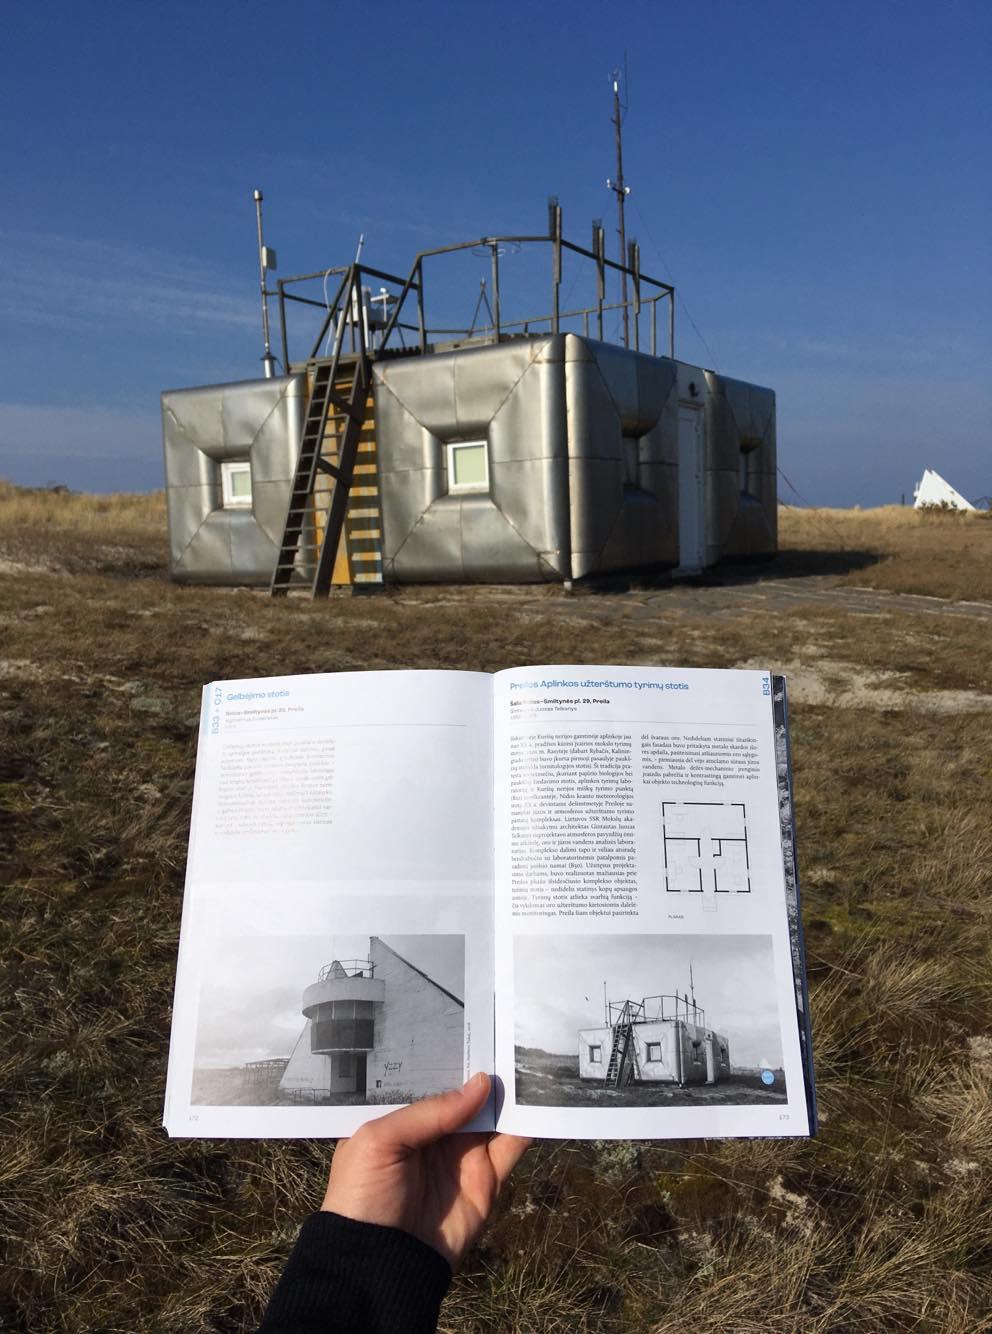 Preilos Aplinkos užterštumo tyrimų stotis ir Neringos architektūros gidas   A. L. Monsės (Ana Luisa Monse) nuotr.